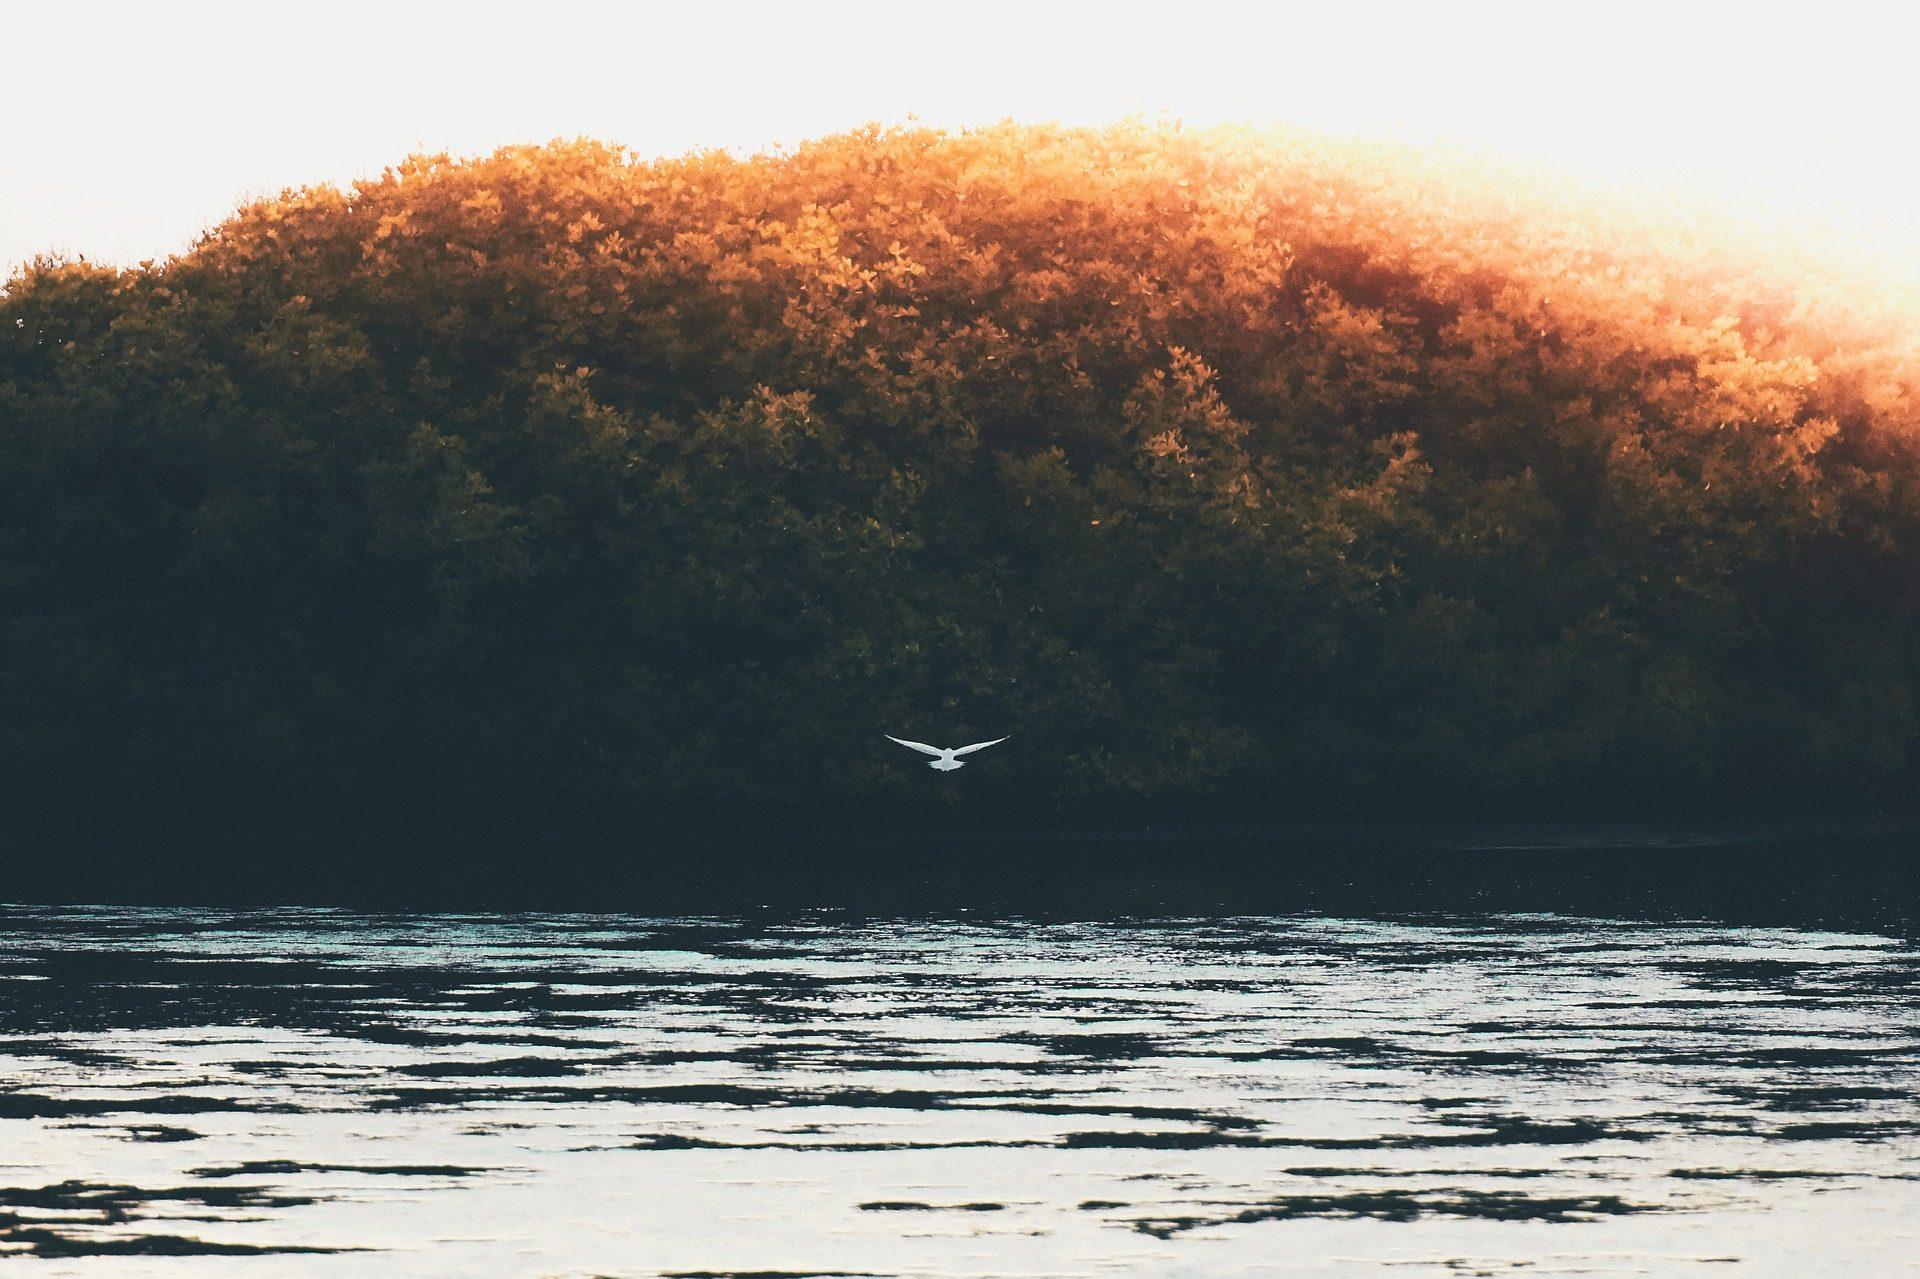 بحيرة, نهر, الأشجار, الطيور, أفي, رحلة - خلفيات عالية الدقة - أستاذ falken.com